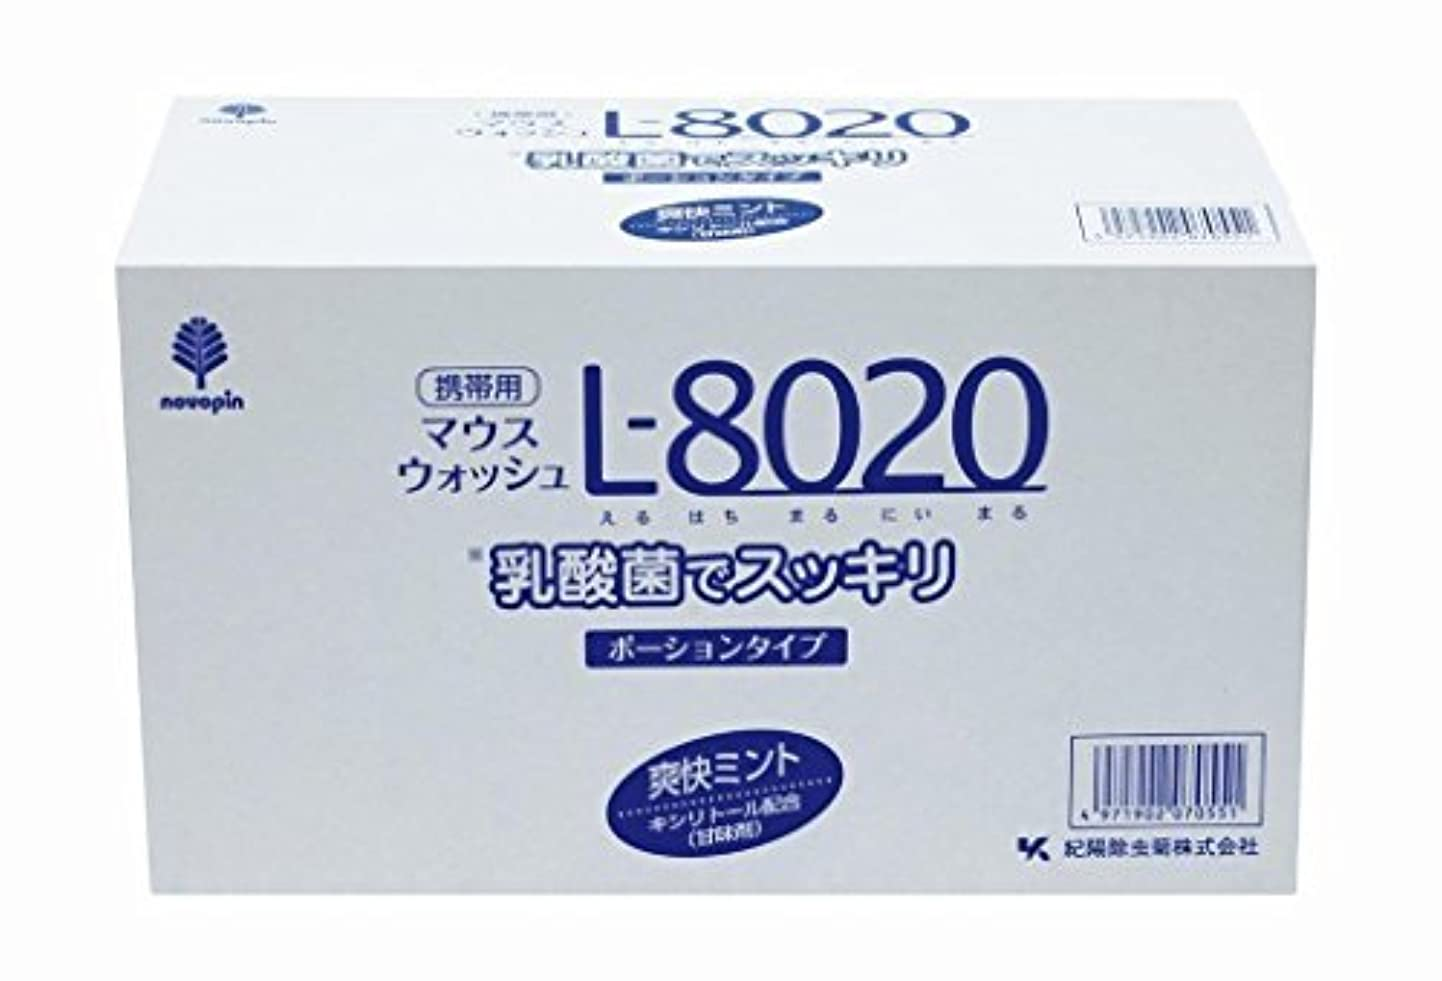 環境保護主義者蘇生するきつくクチュッペL-8020爽快ミントポーションタイプ100個入(アルコール) 【まとめ買い10個セット】 K-7055 日本製 Japan